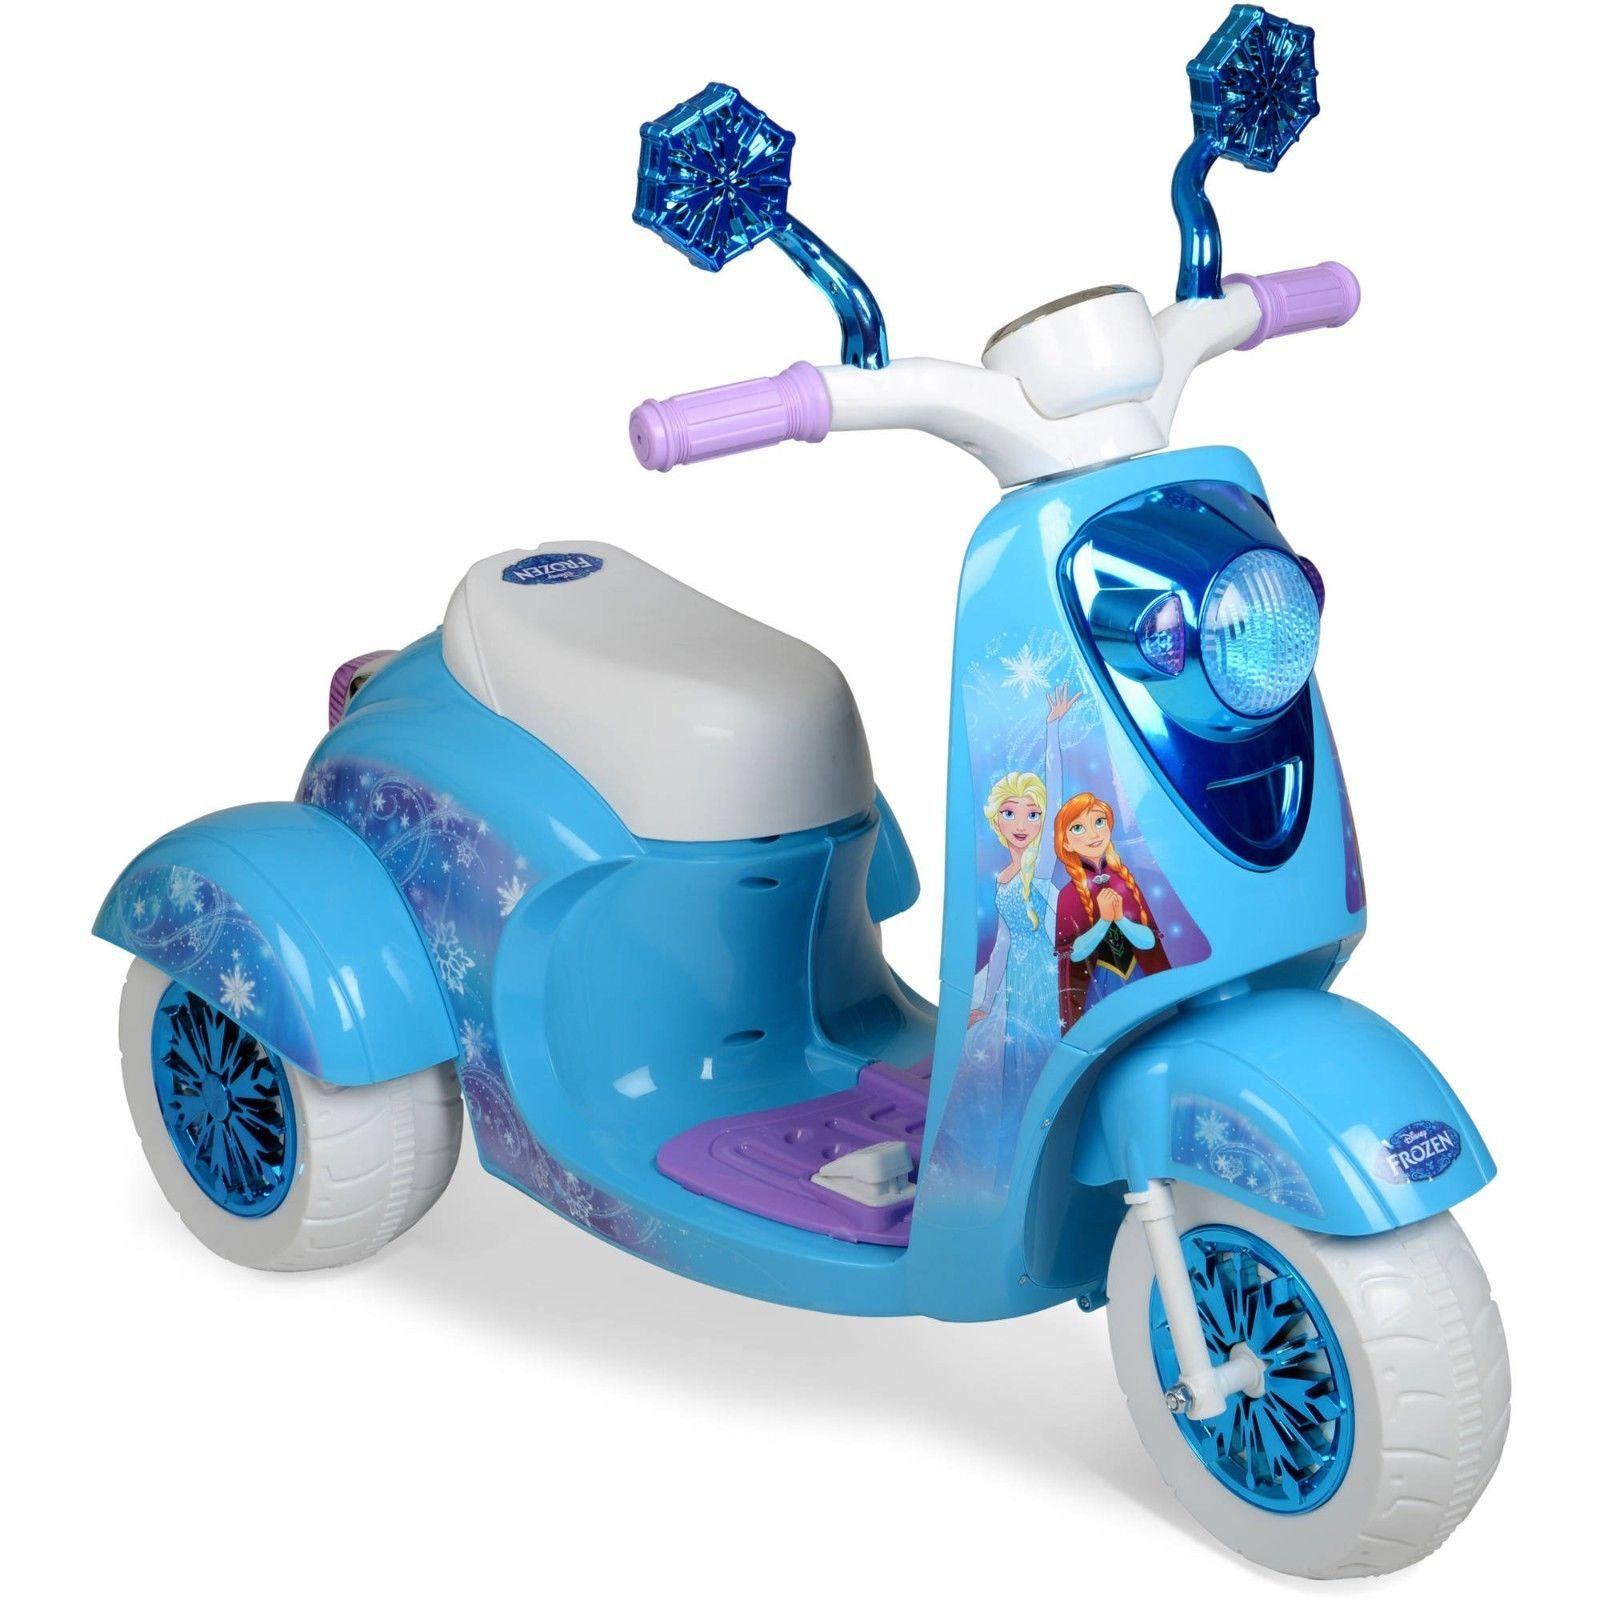 Toys For Girls Disney Frozen 3-Wheel Scooter Ride On Battery Powered Gift 6V ,